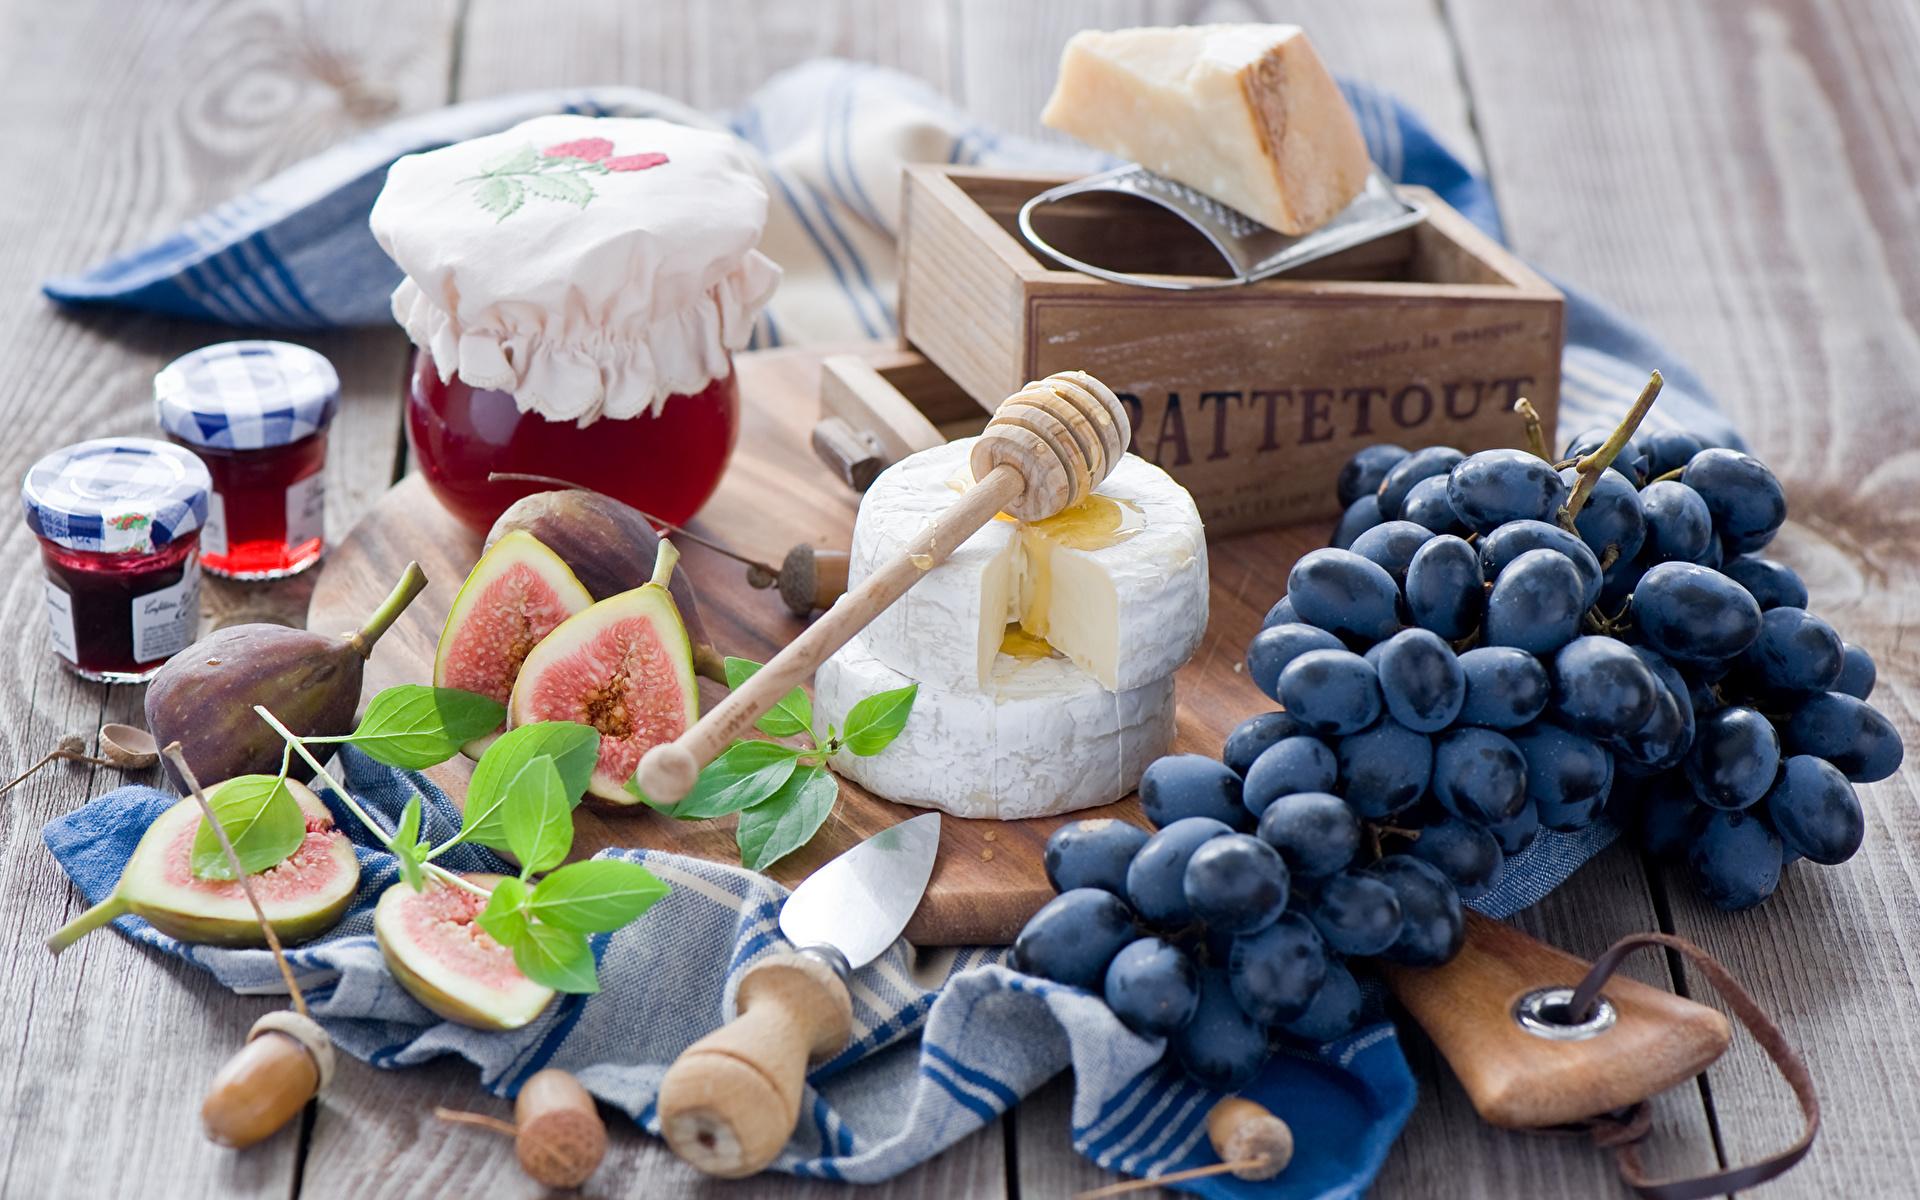 Картинки Варенье Сыры Виноград Пища 1920x1200 джем Повидло Еда Продукты питания